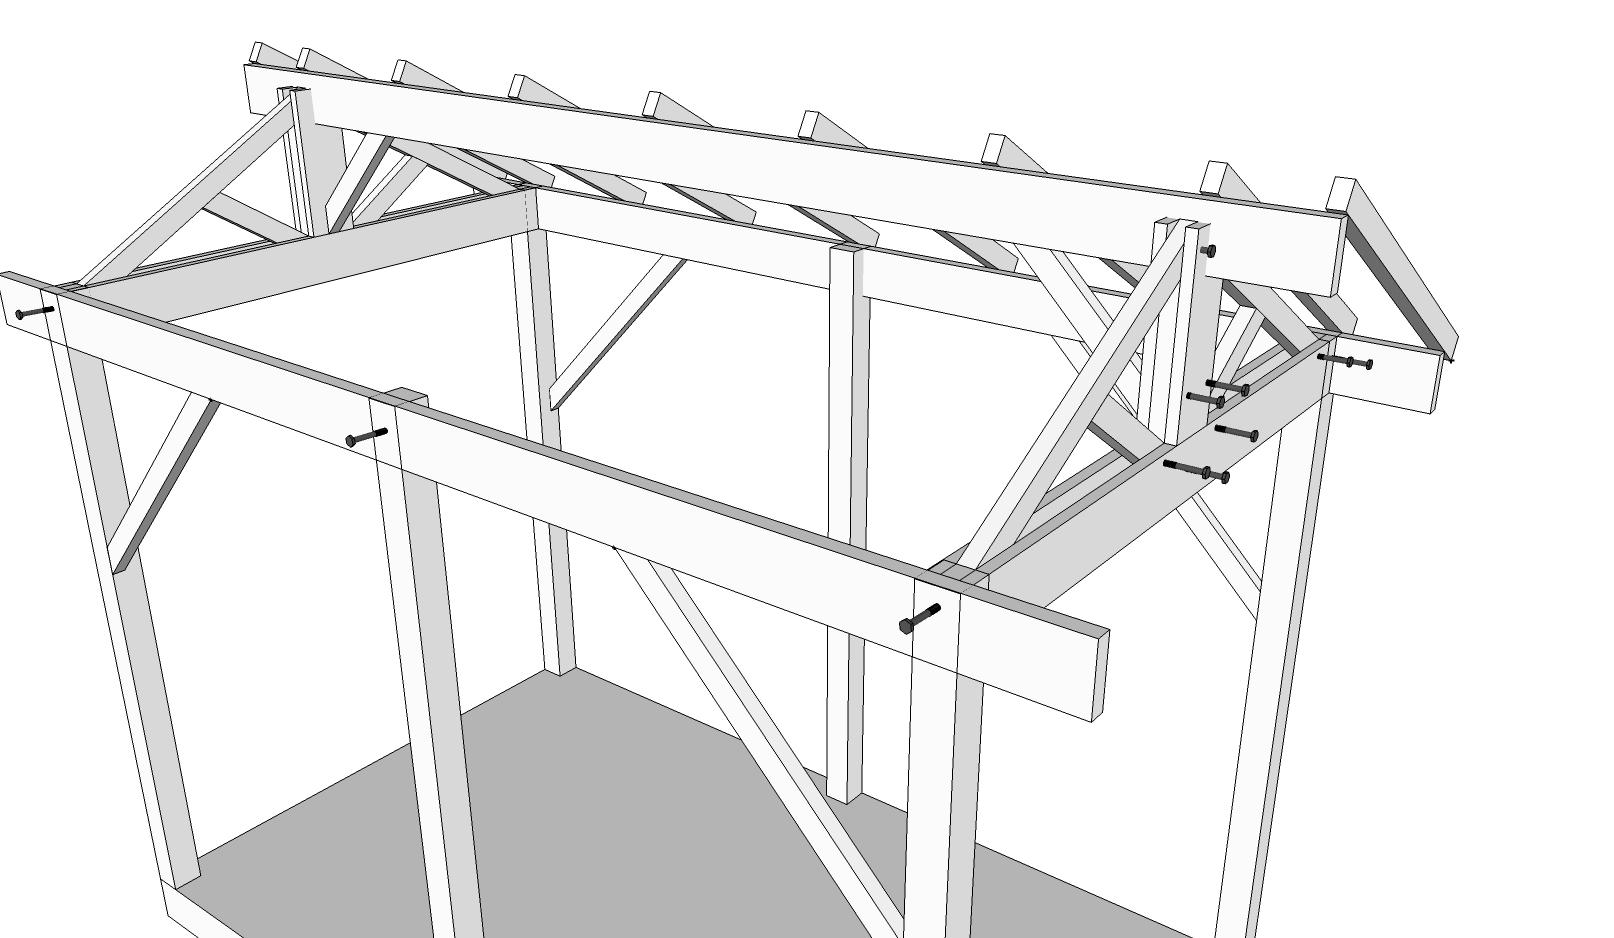 Aide construction abri de jardin 34 messages page 2 - Plan cabanon de jardin ...